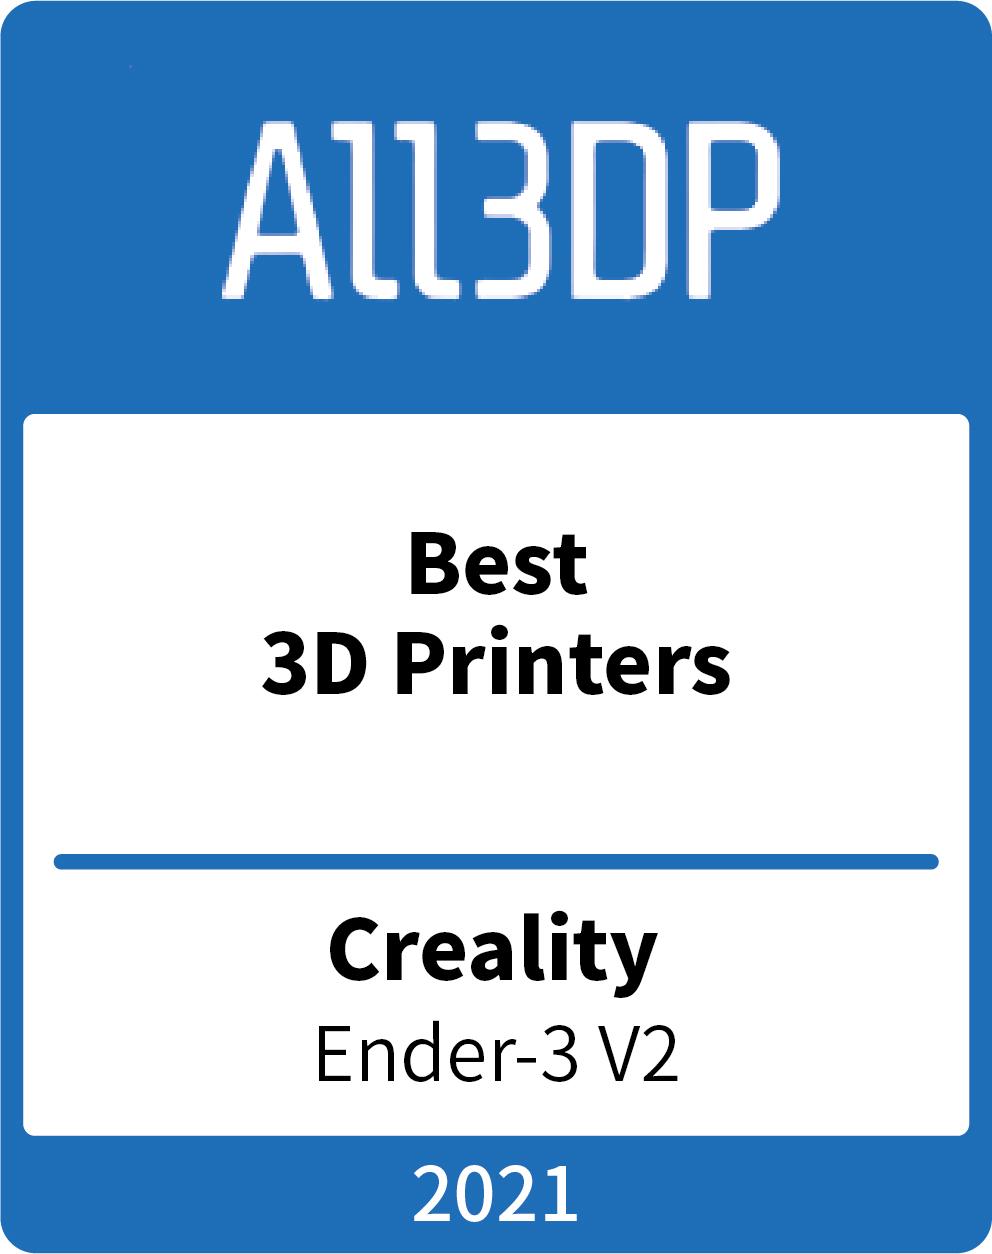 Ender-3 V2